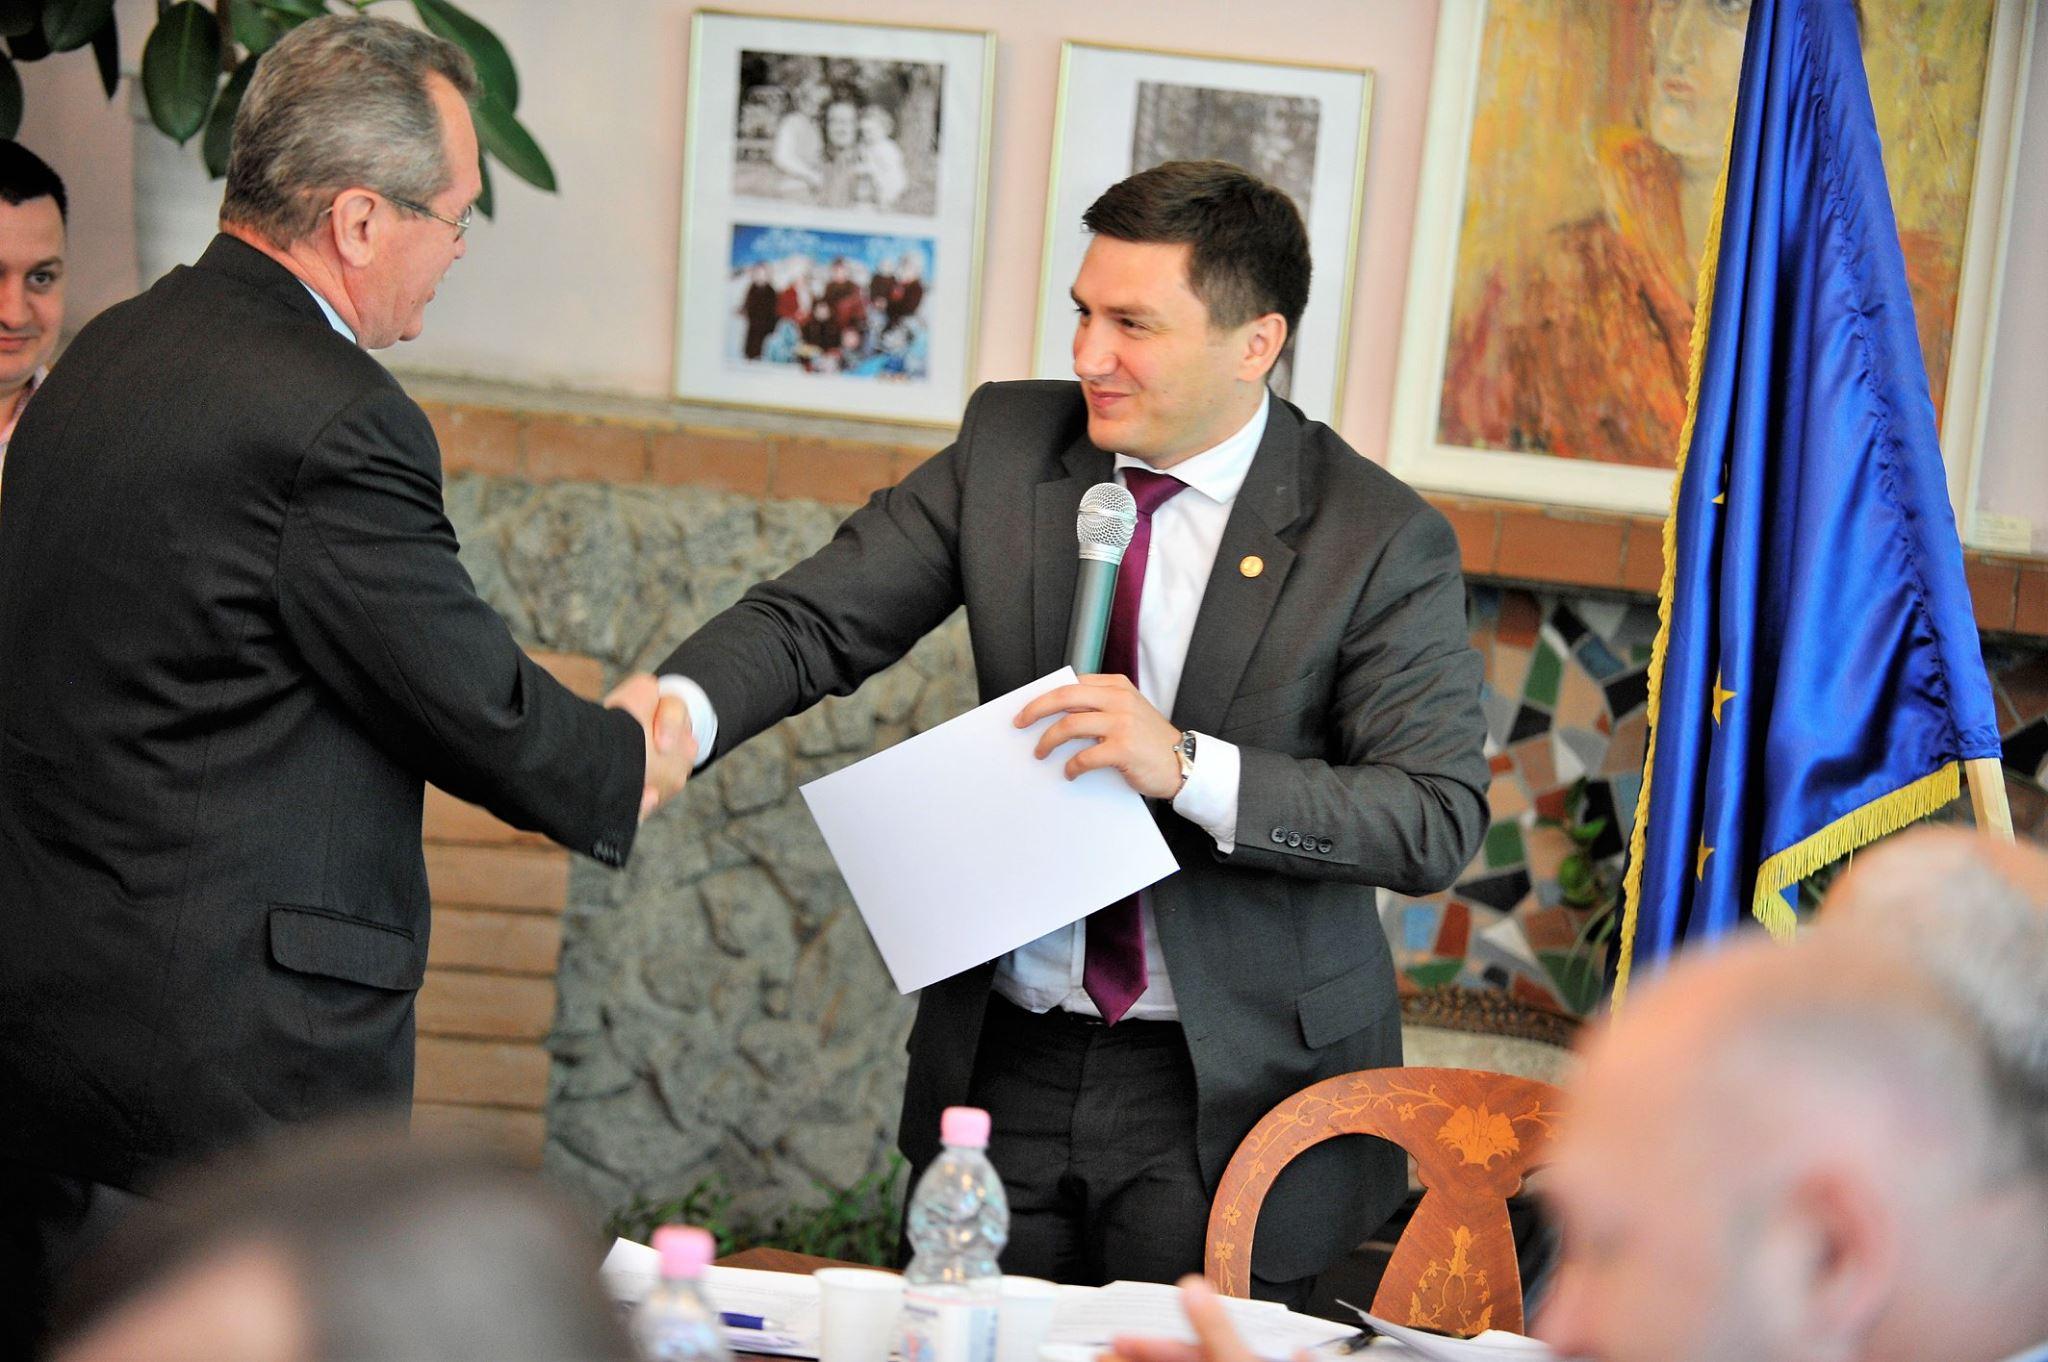 Atelier legislativ Codreanu Constantin Chisinau